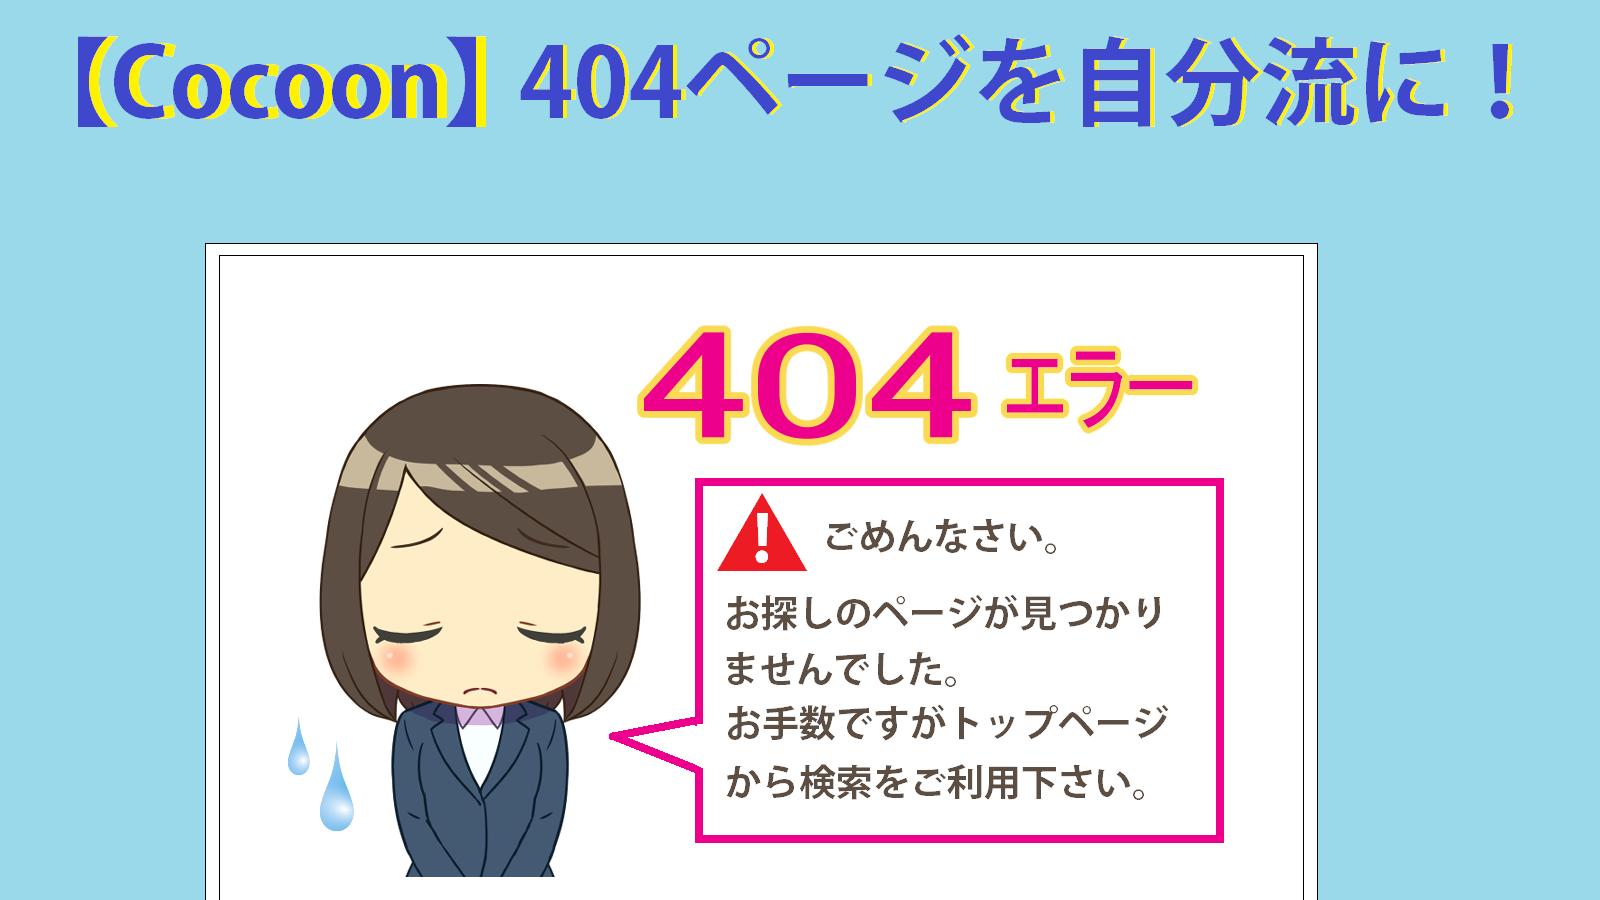 404エラー用の画面を自分流にカスタマイズしよう